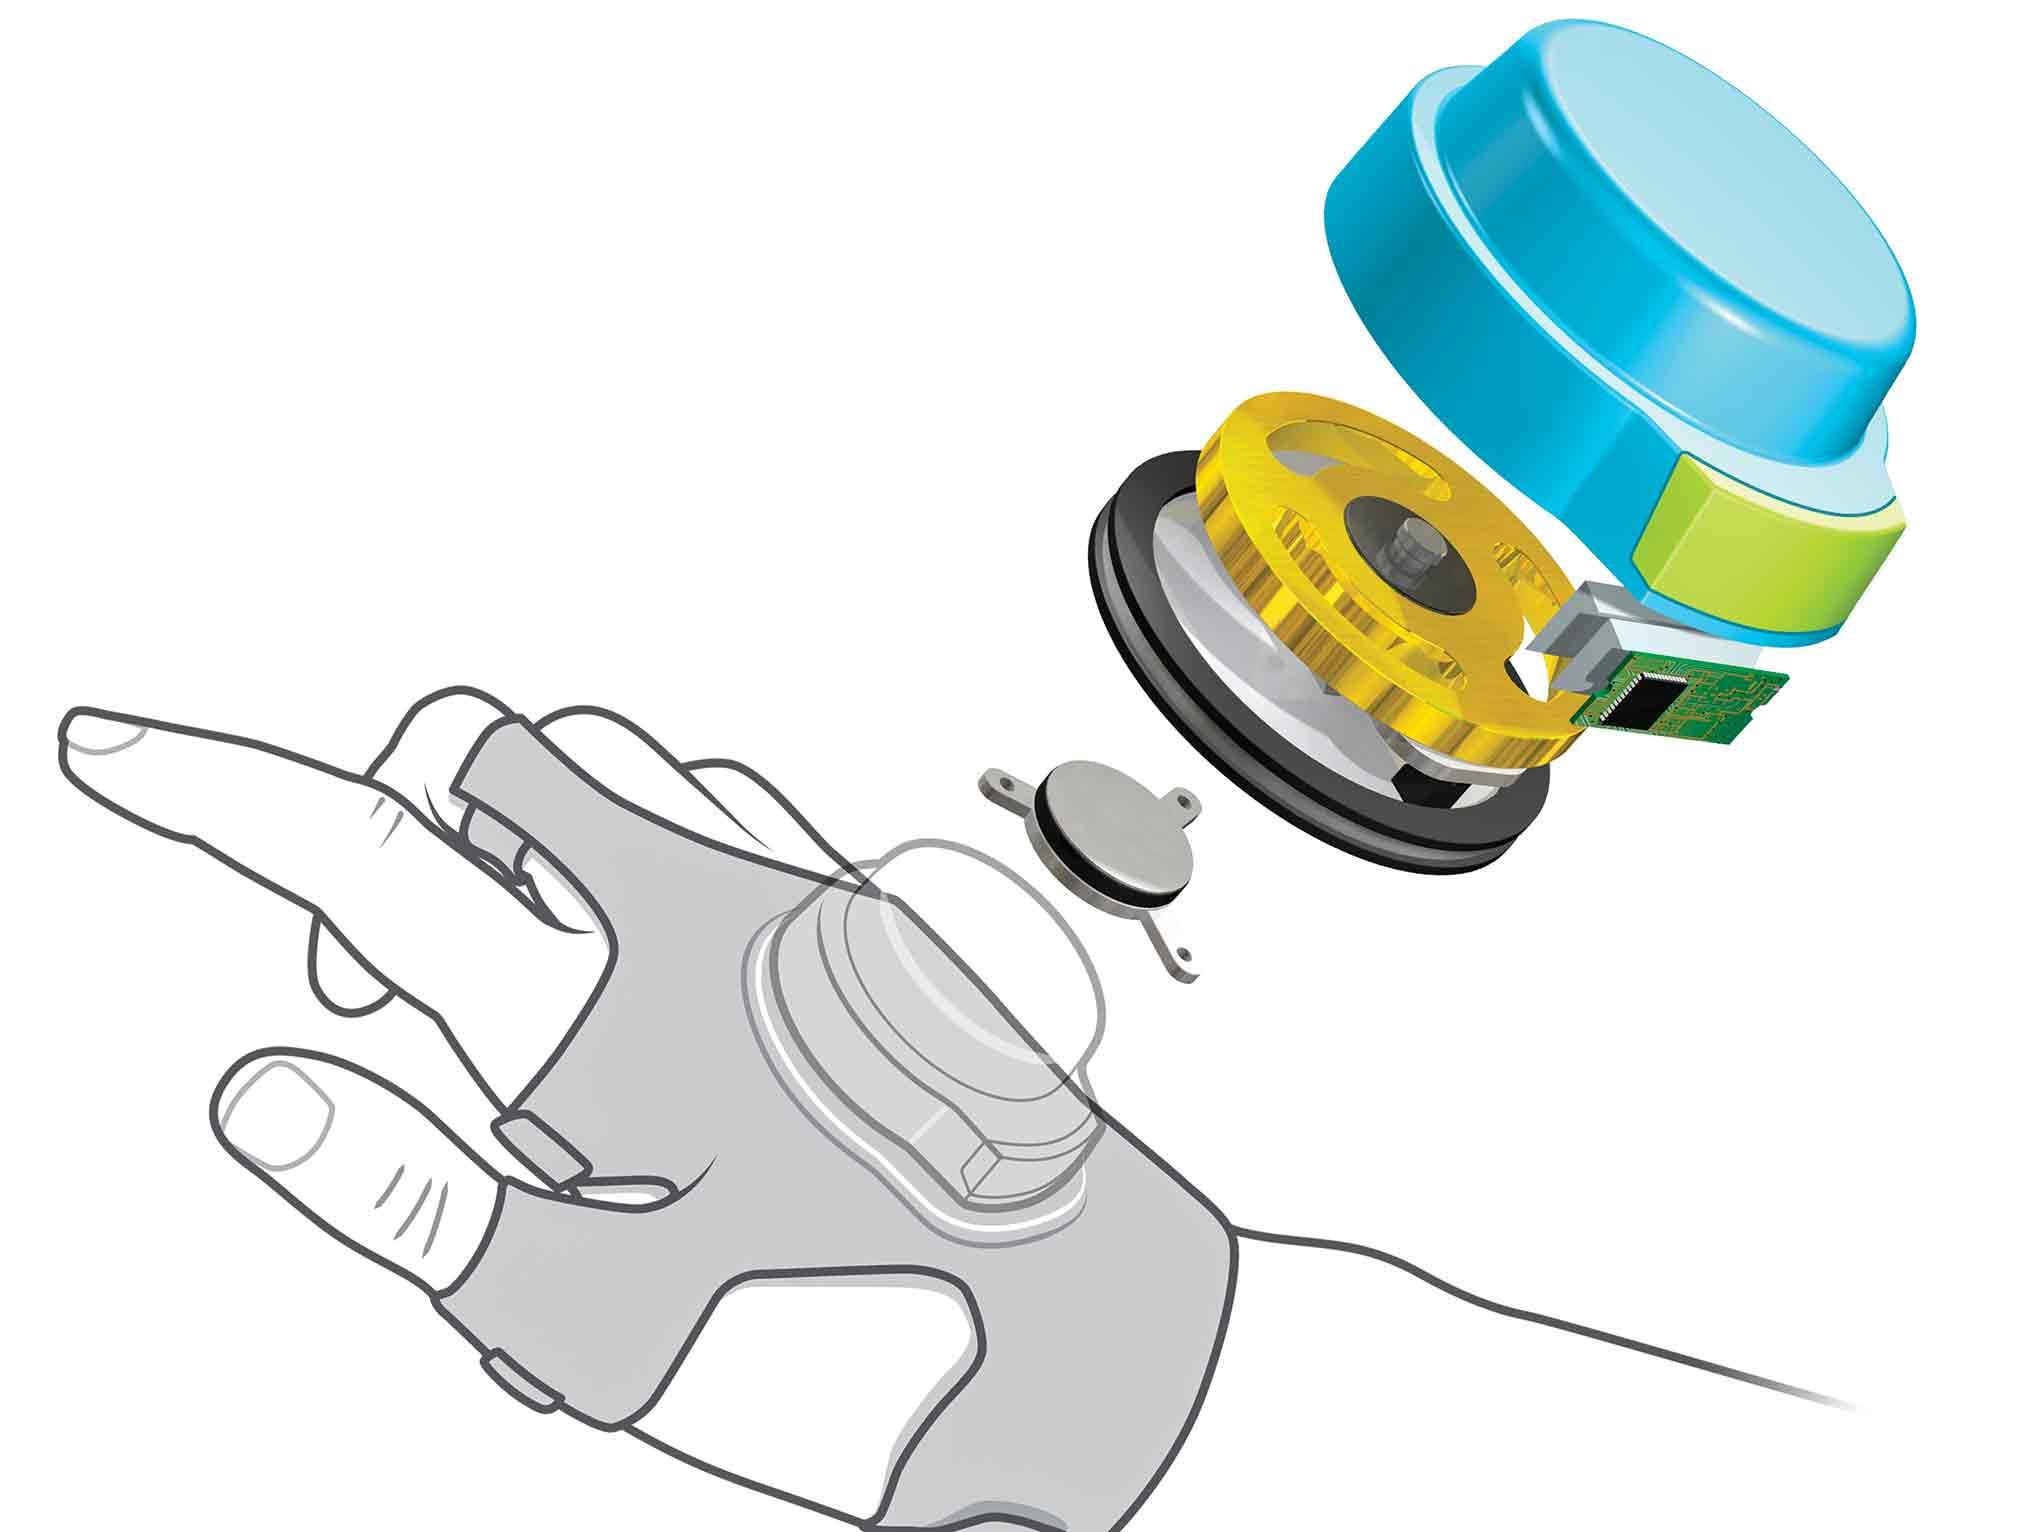 Антипаркинсоническая перчатка с гироскопом поступит в продажу в 2016 году